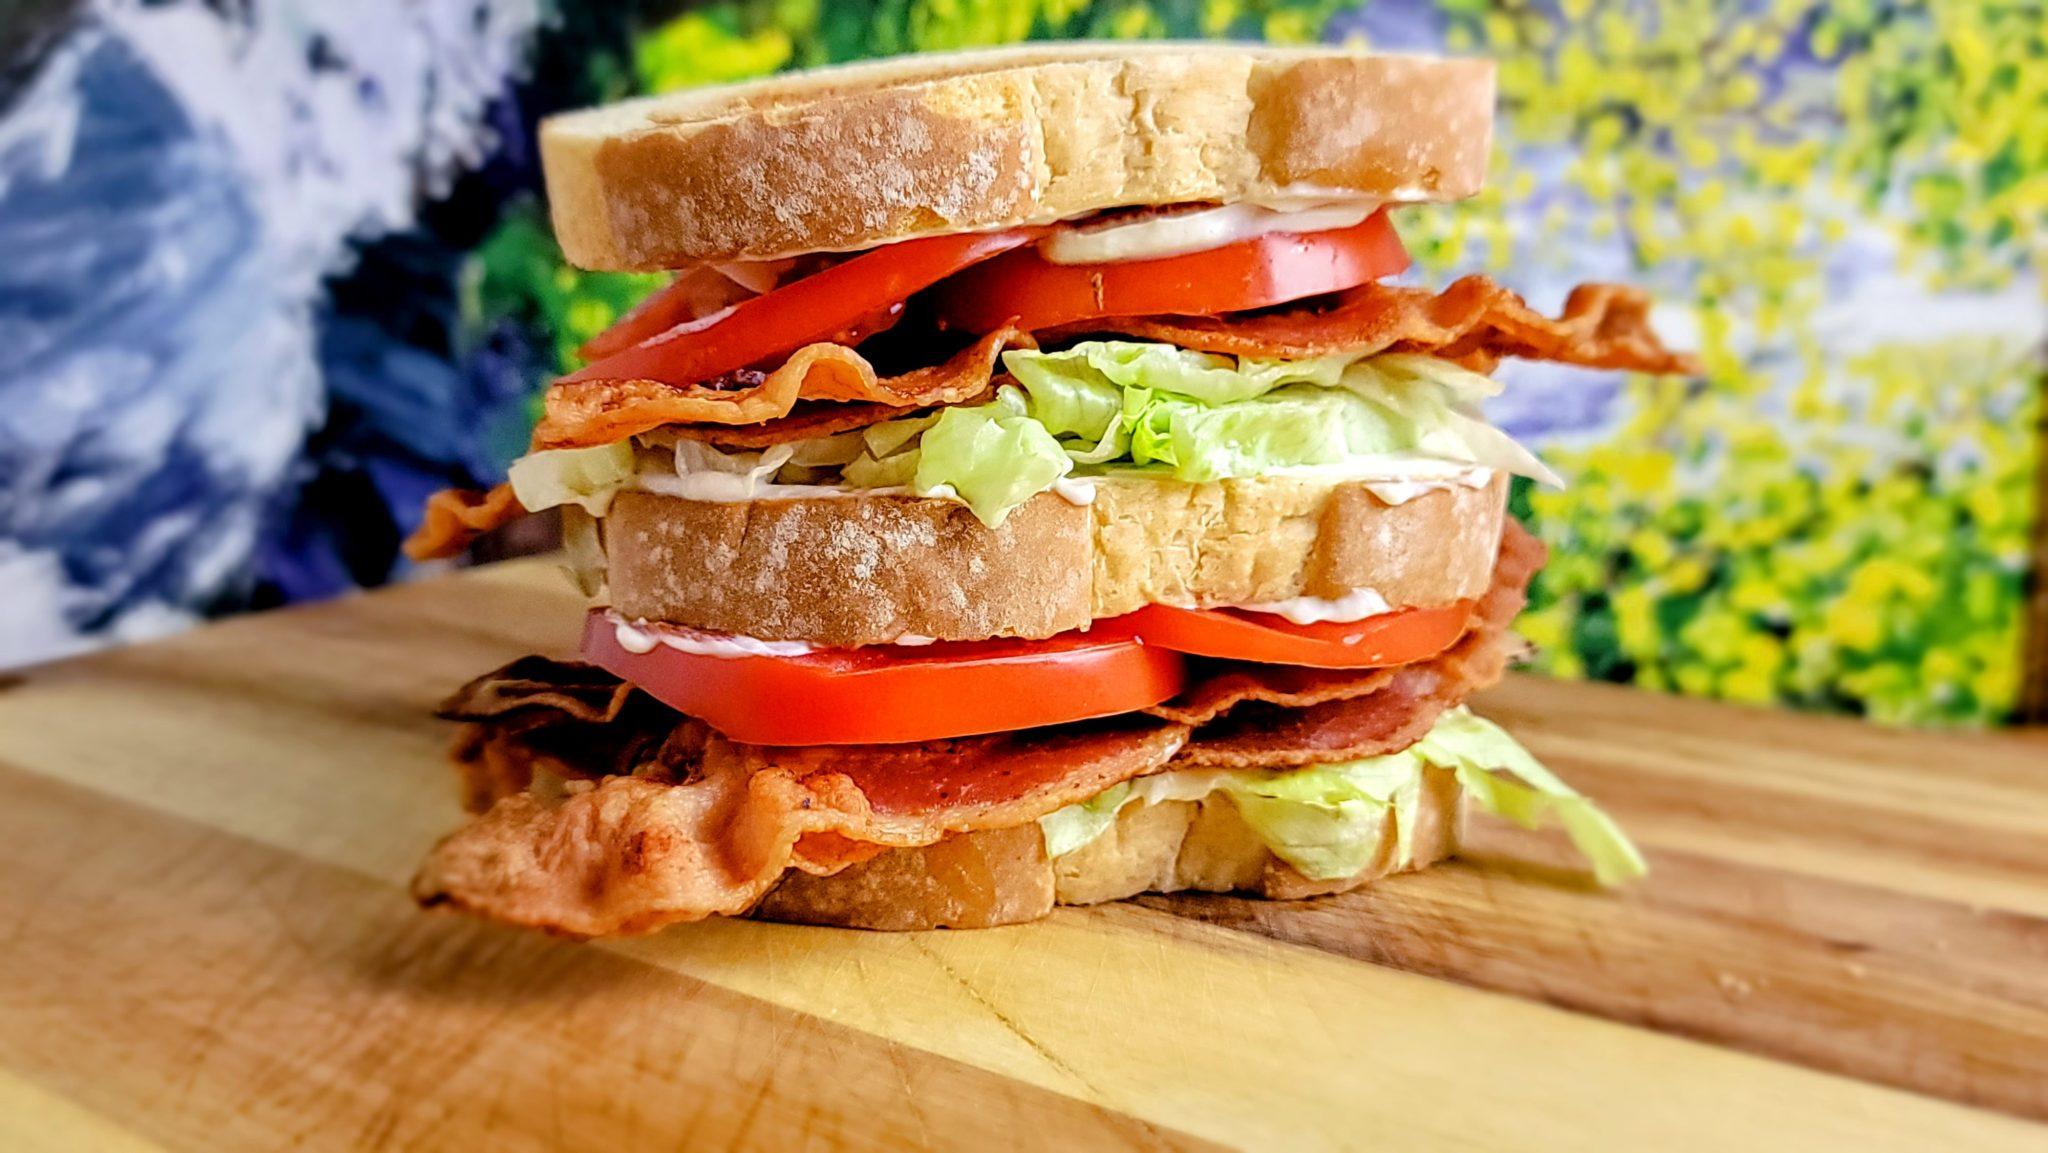 BLT The Perfect Bacon, Lettuce and Tomato Sandwich Recipe